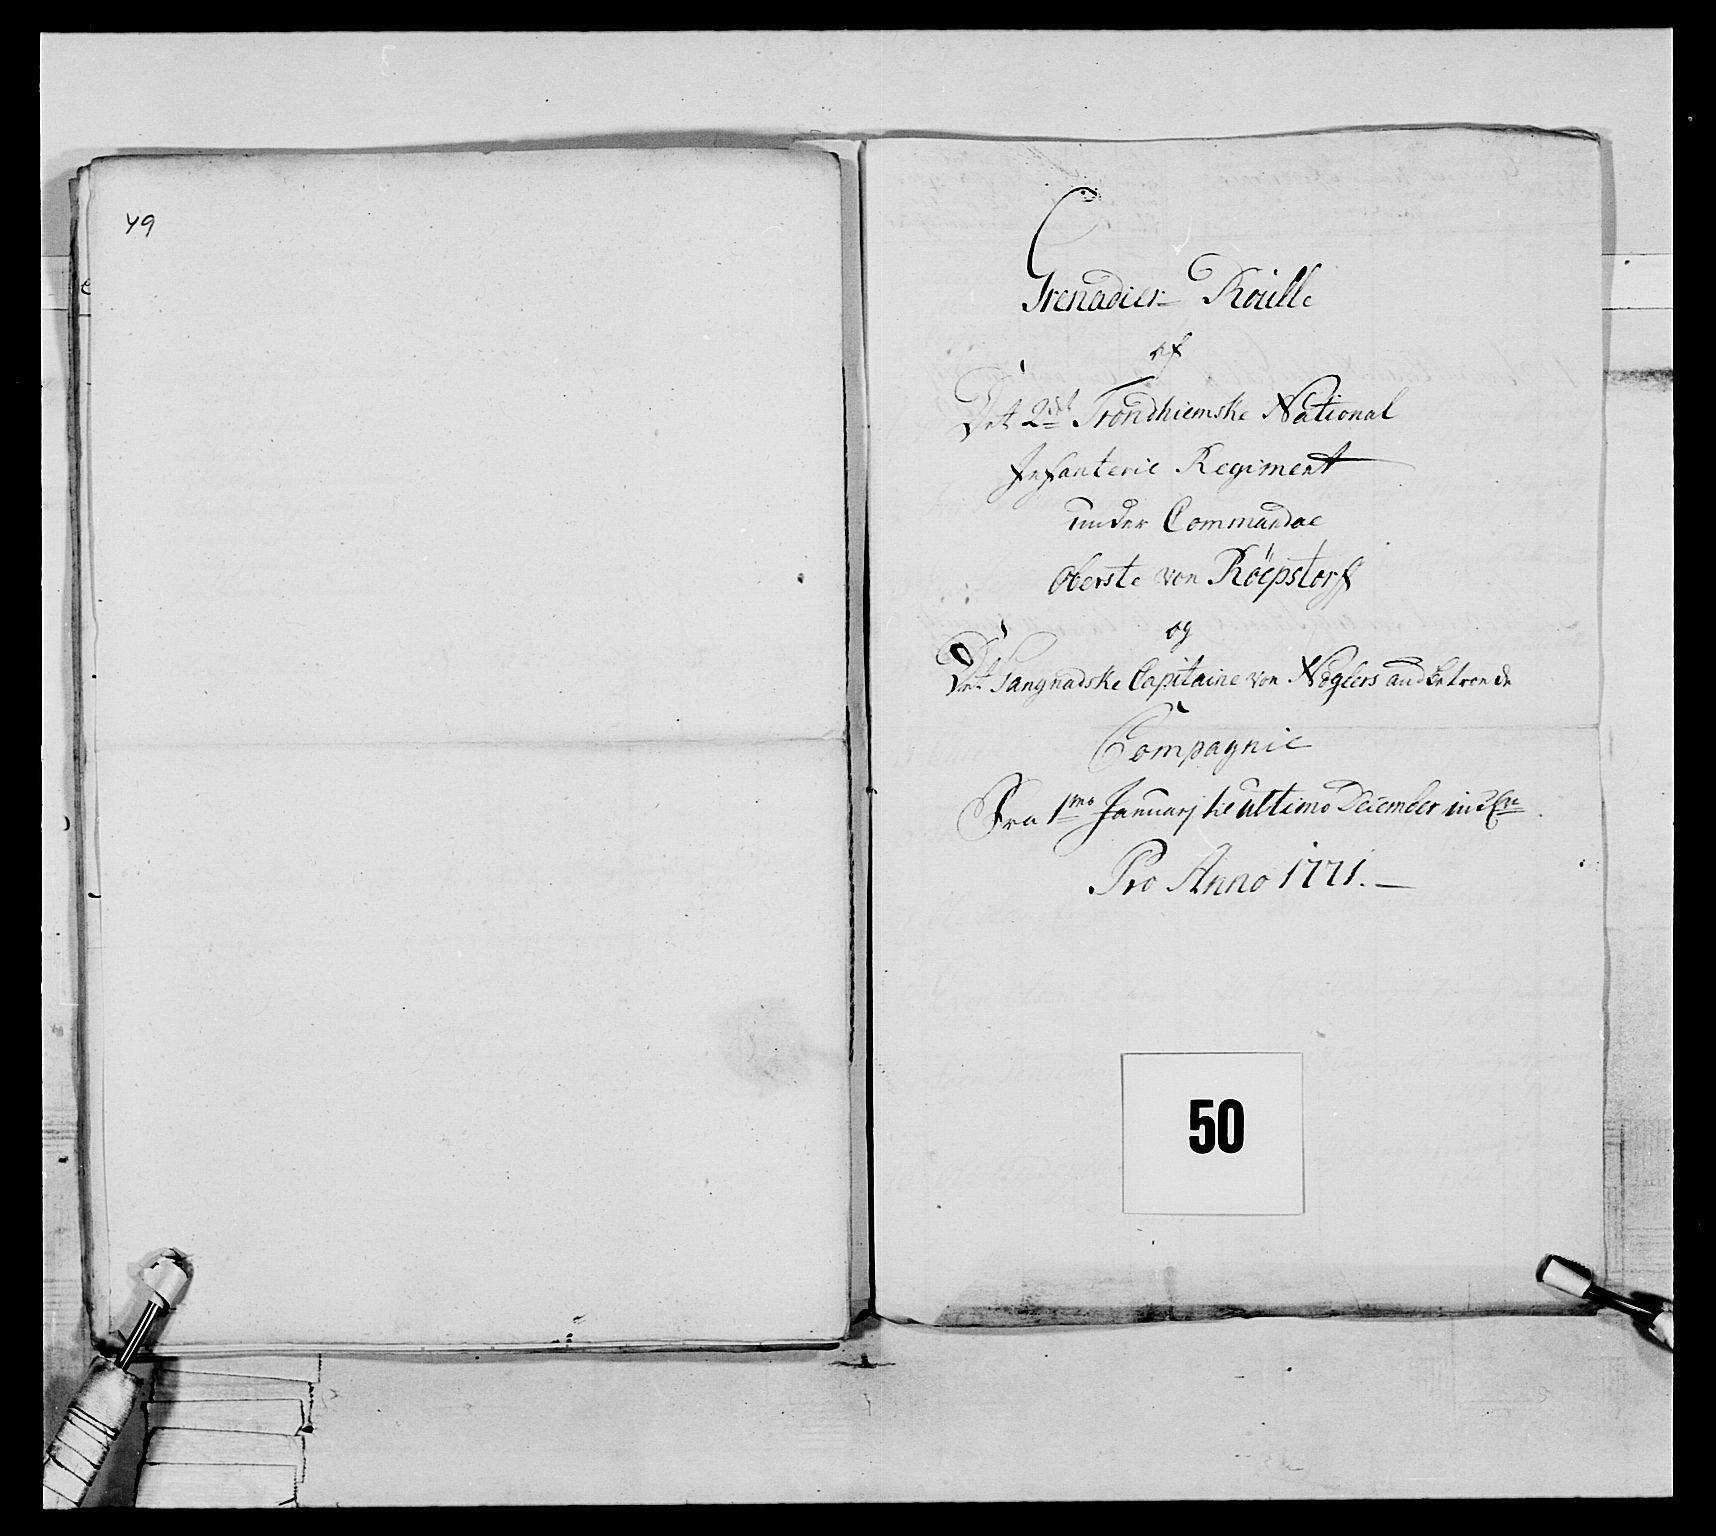 RA, Generalitets- og kommissariatskollegiet, Det kongelige norske kommissariatskollegium, E/Eh/L0076: 2. Trondheimske nasjonale infanteriregiment, 1766-1773, s. 166